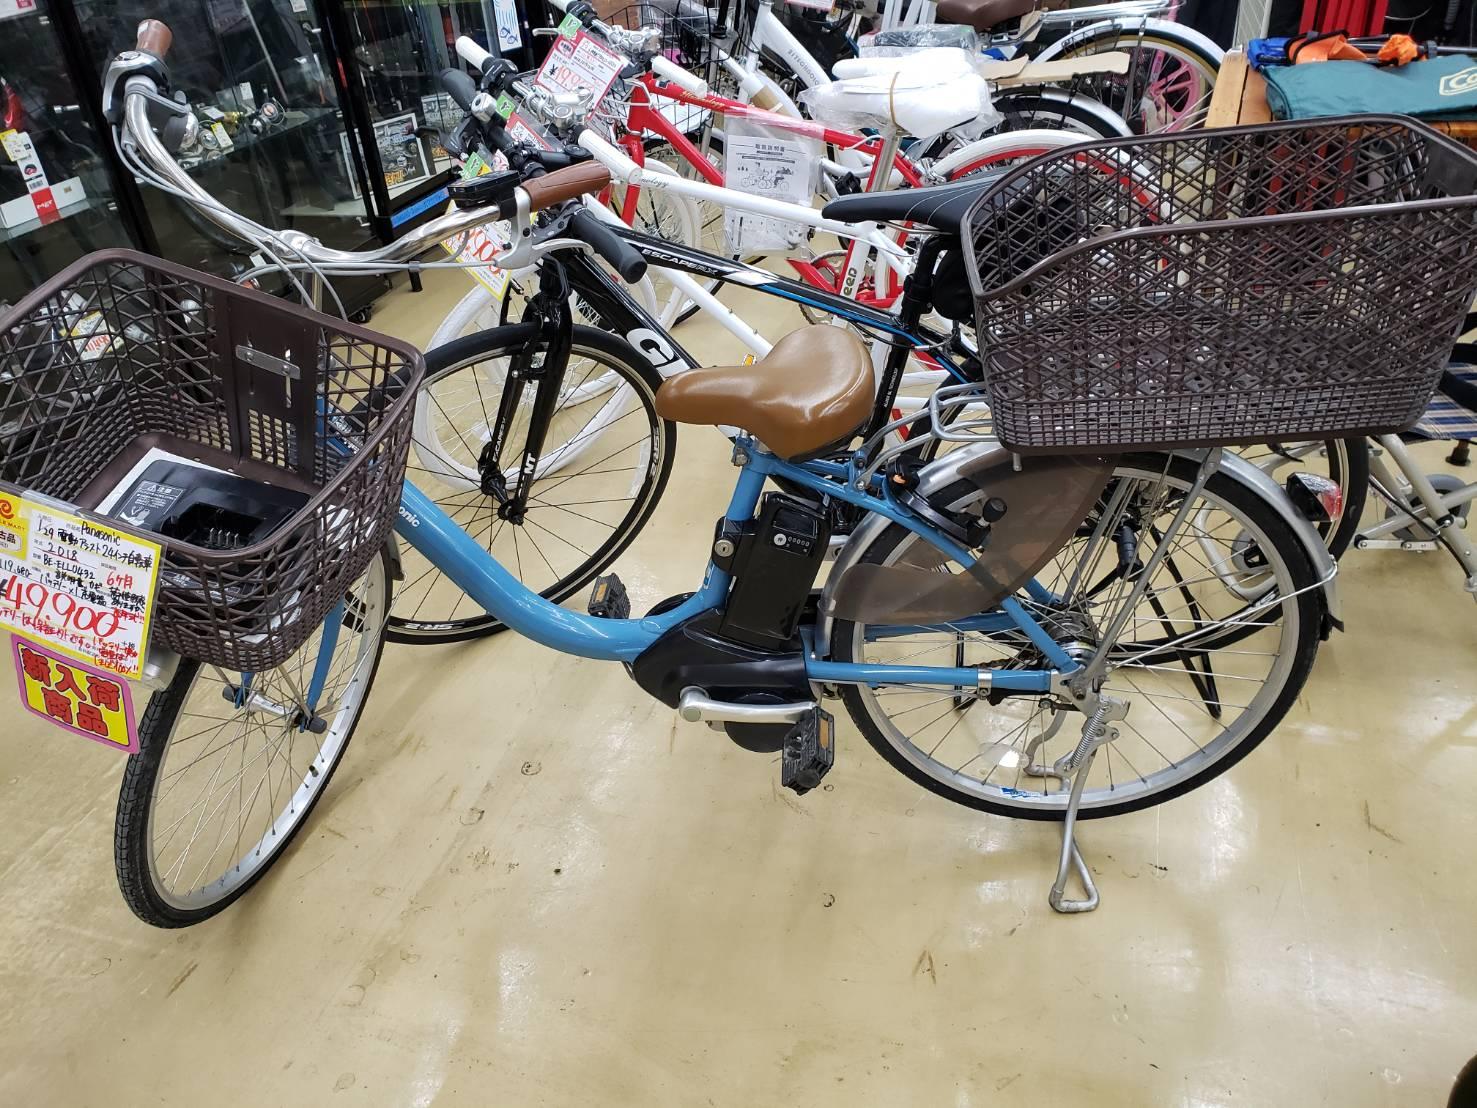 Panasonic / パナソニック VIVI 電動アシスト自転車 2018年製 買取致しました!の買取-